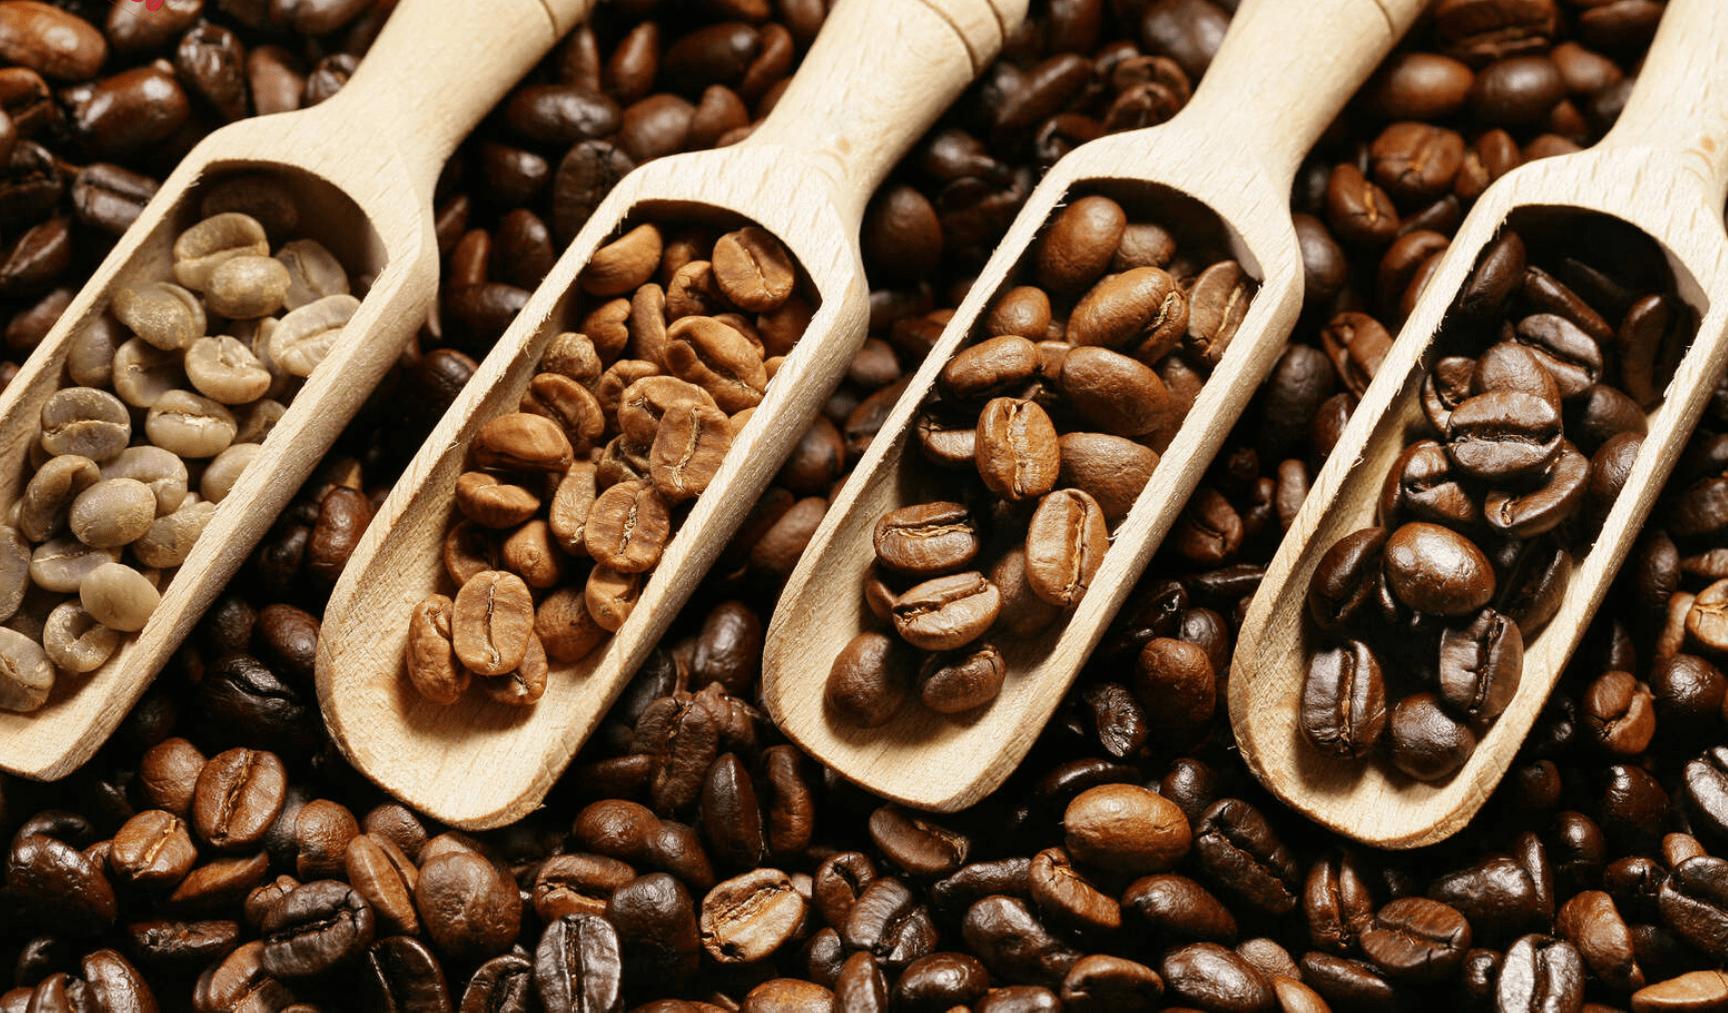 nguồn gốc của bột cafe